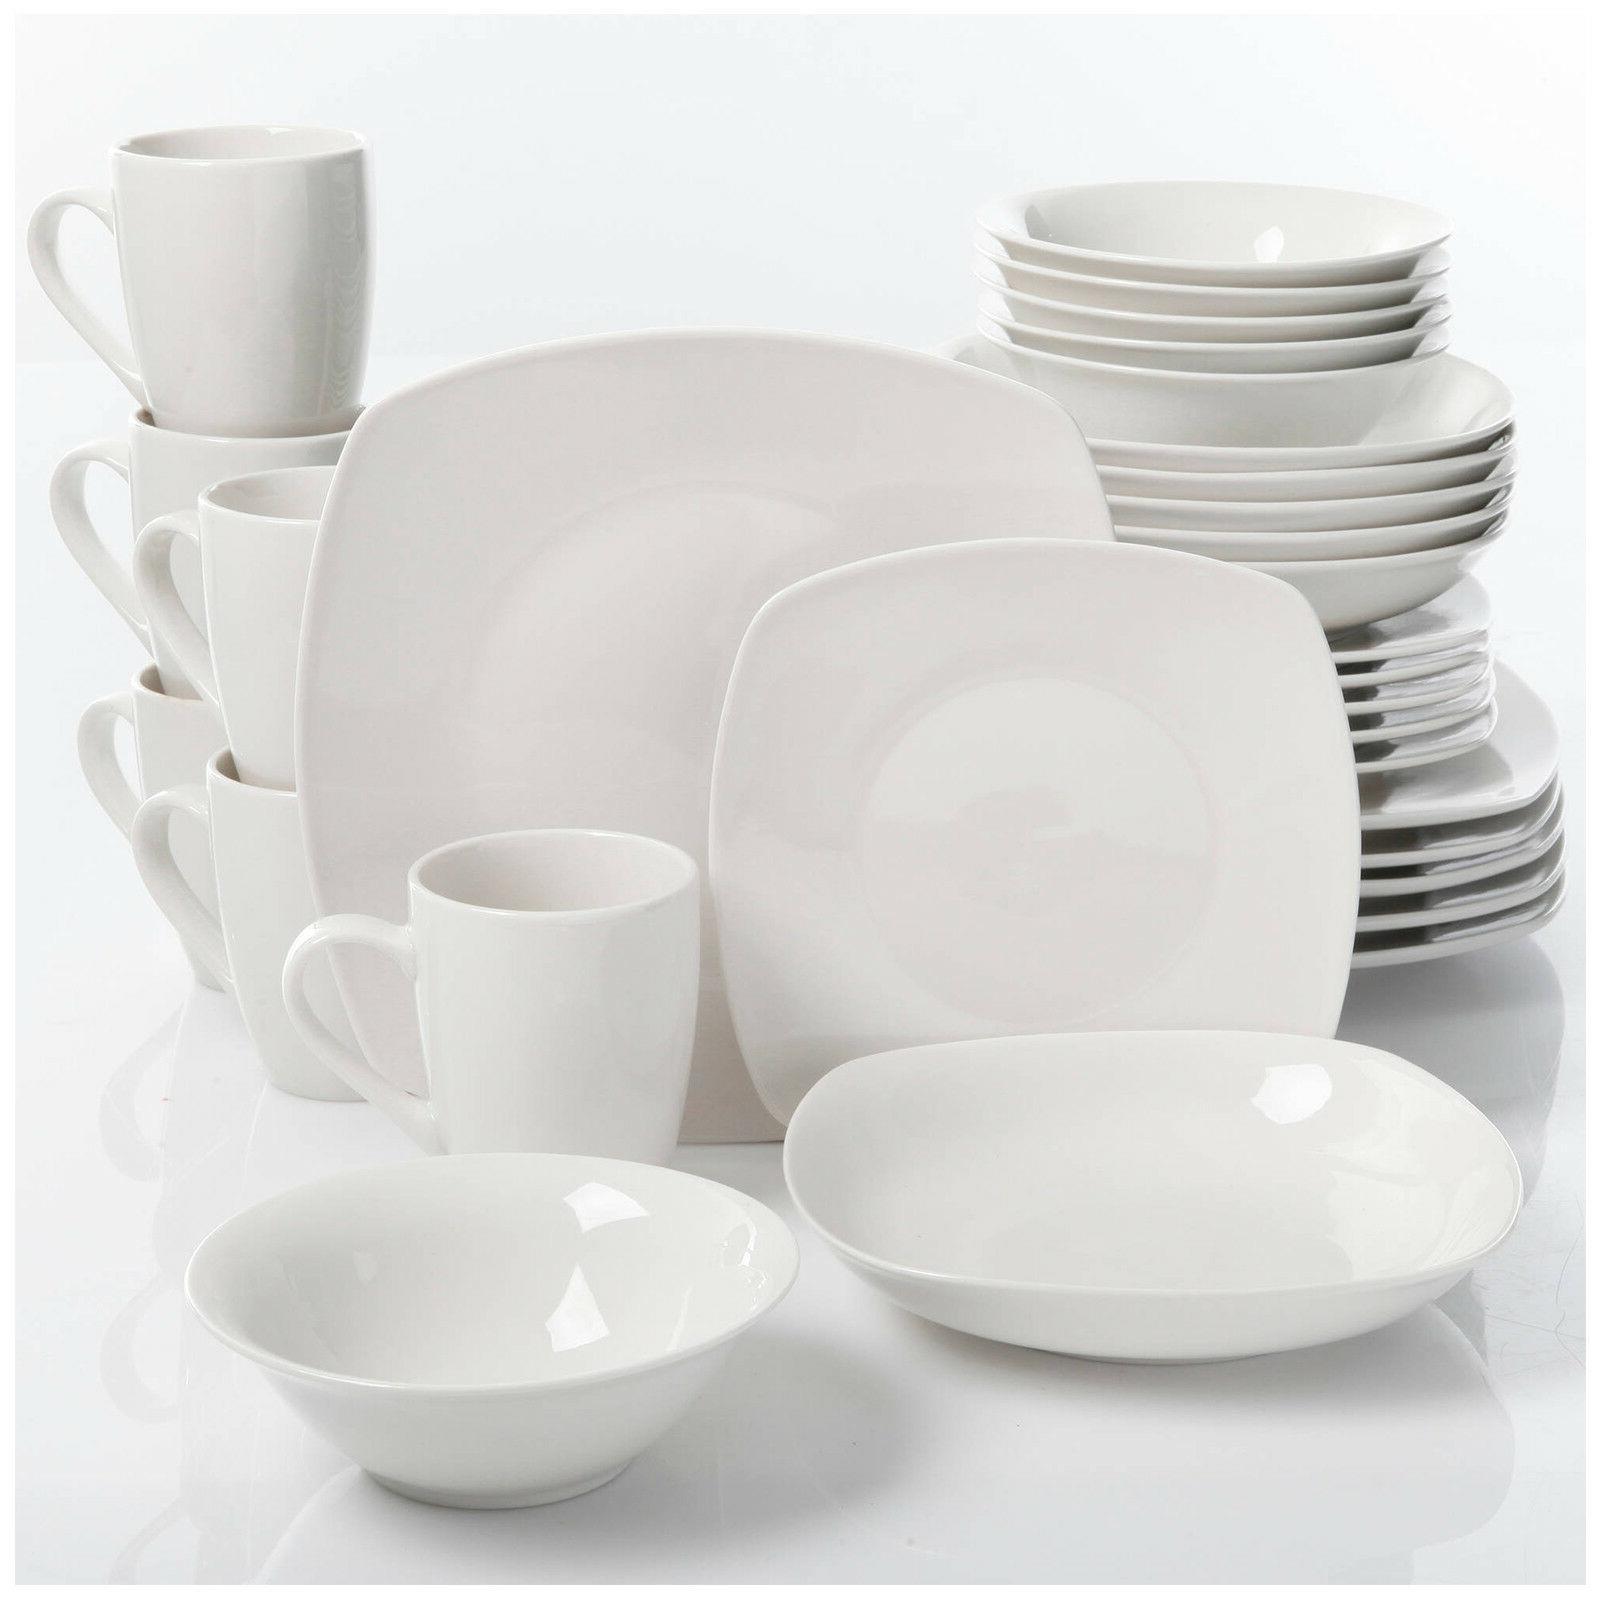 Porcelain Set 6 30Pc Dishes